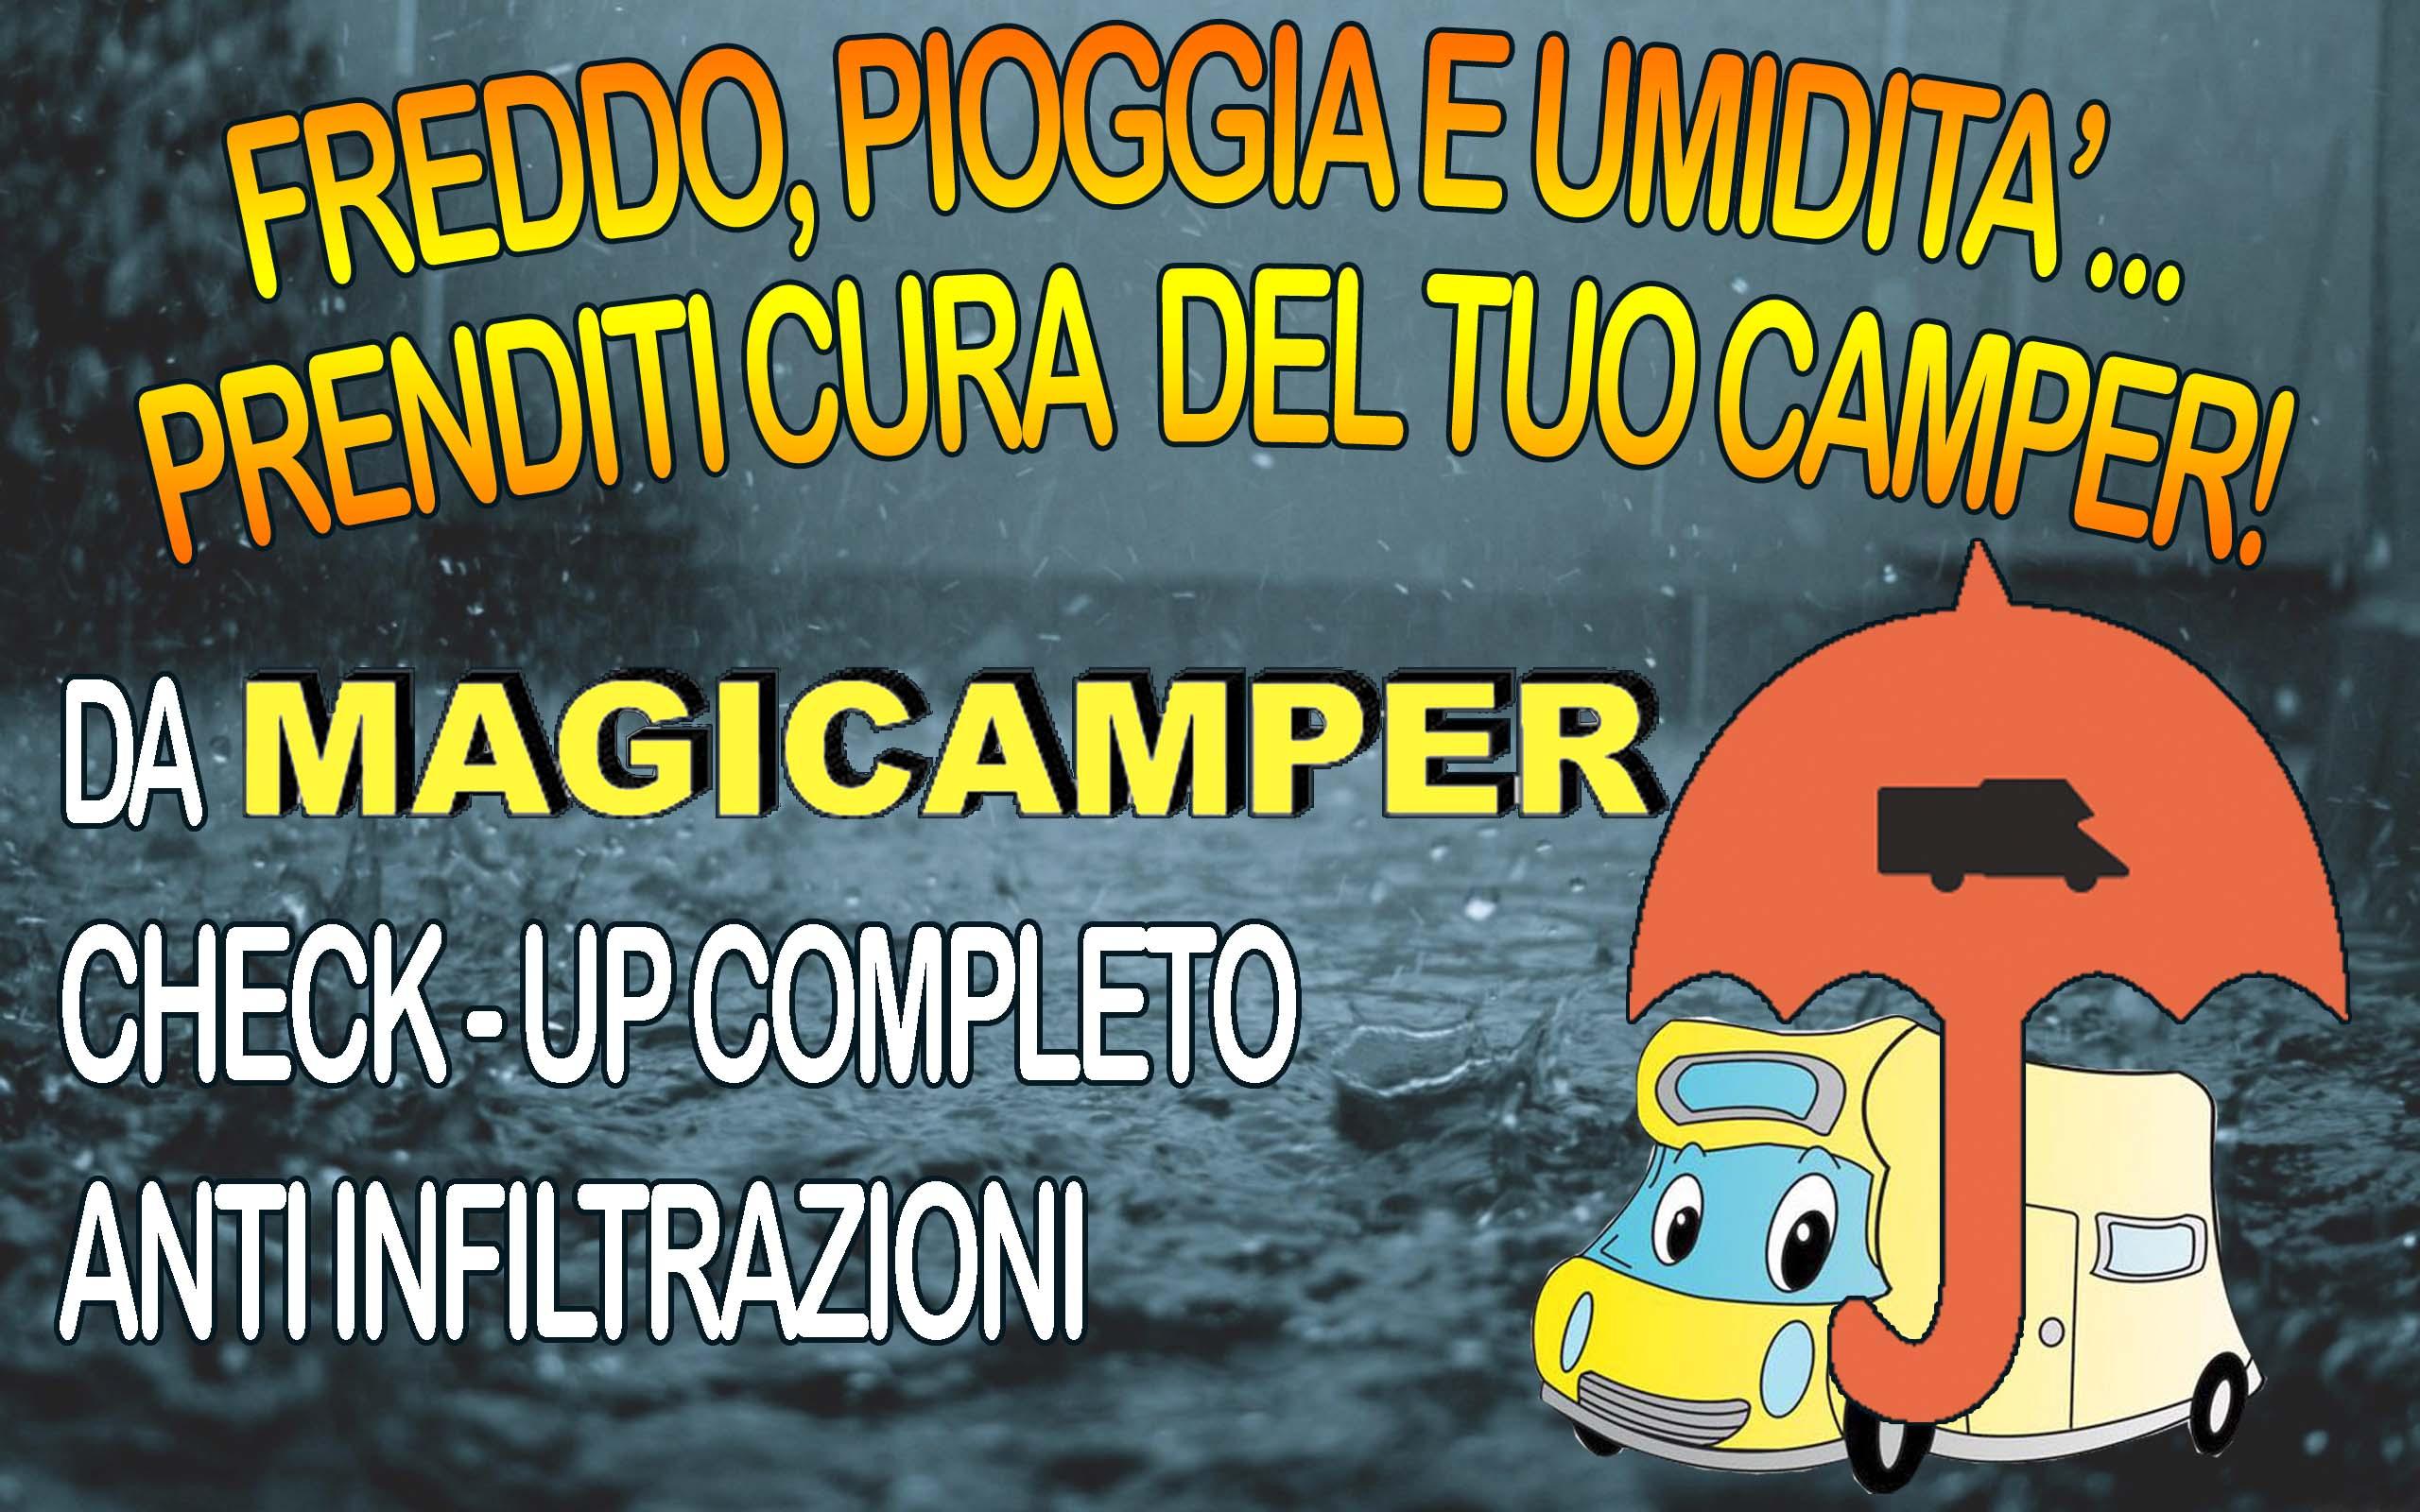 lettino per massaggio portatile milano: lettino viaggio chicco ... - Lettino Per Massaggio Usato Milano